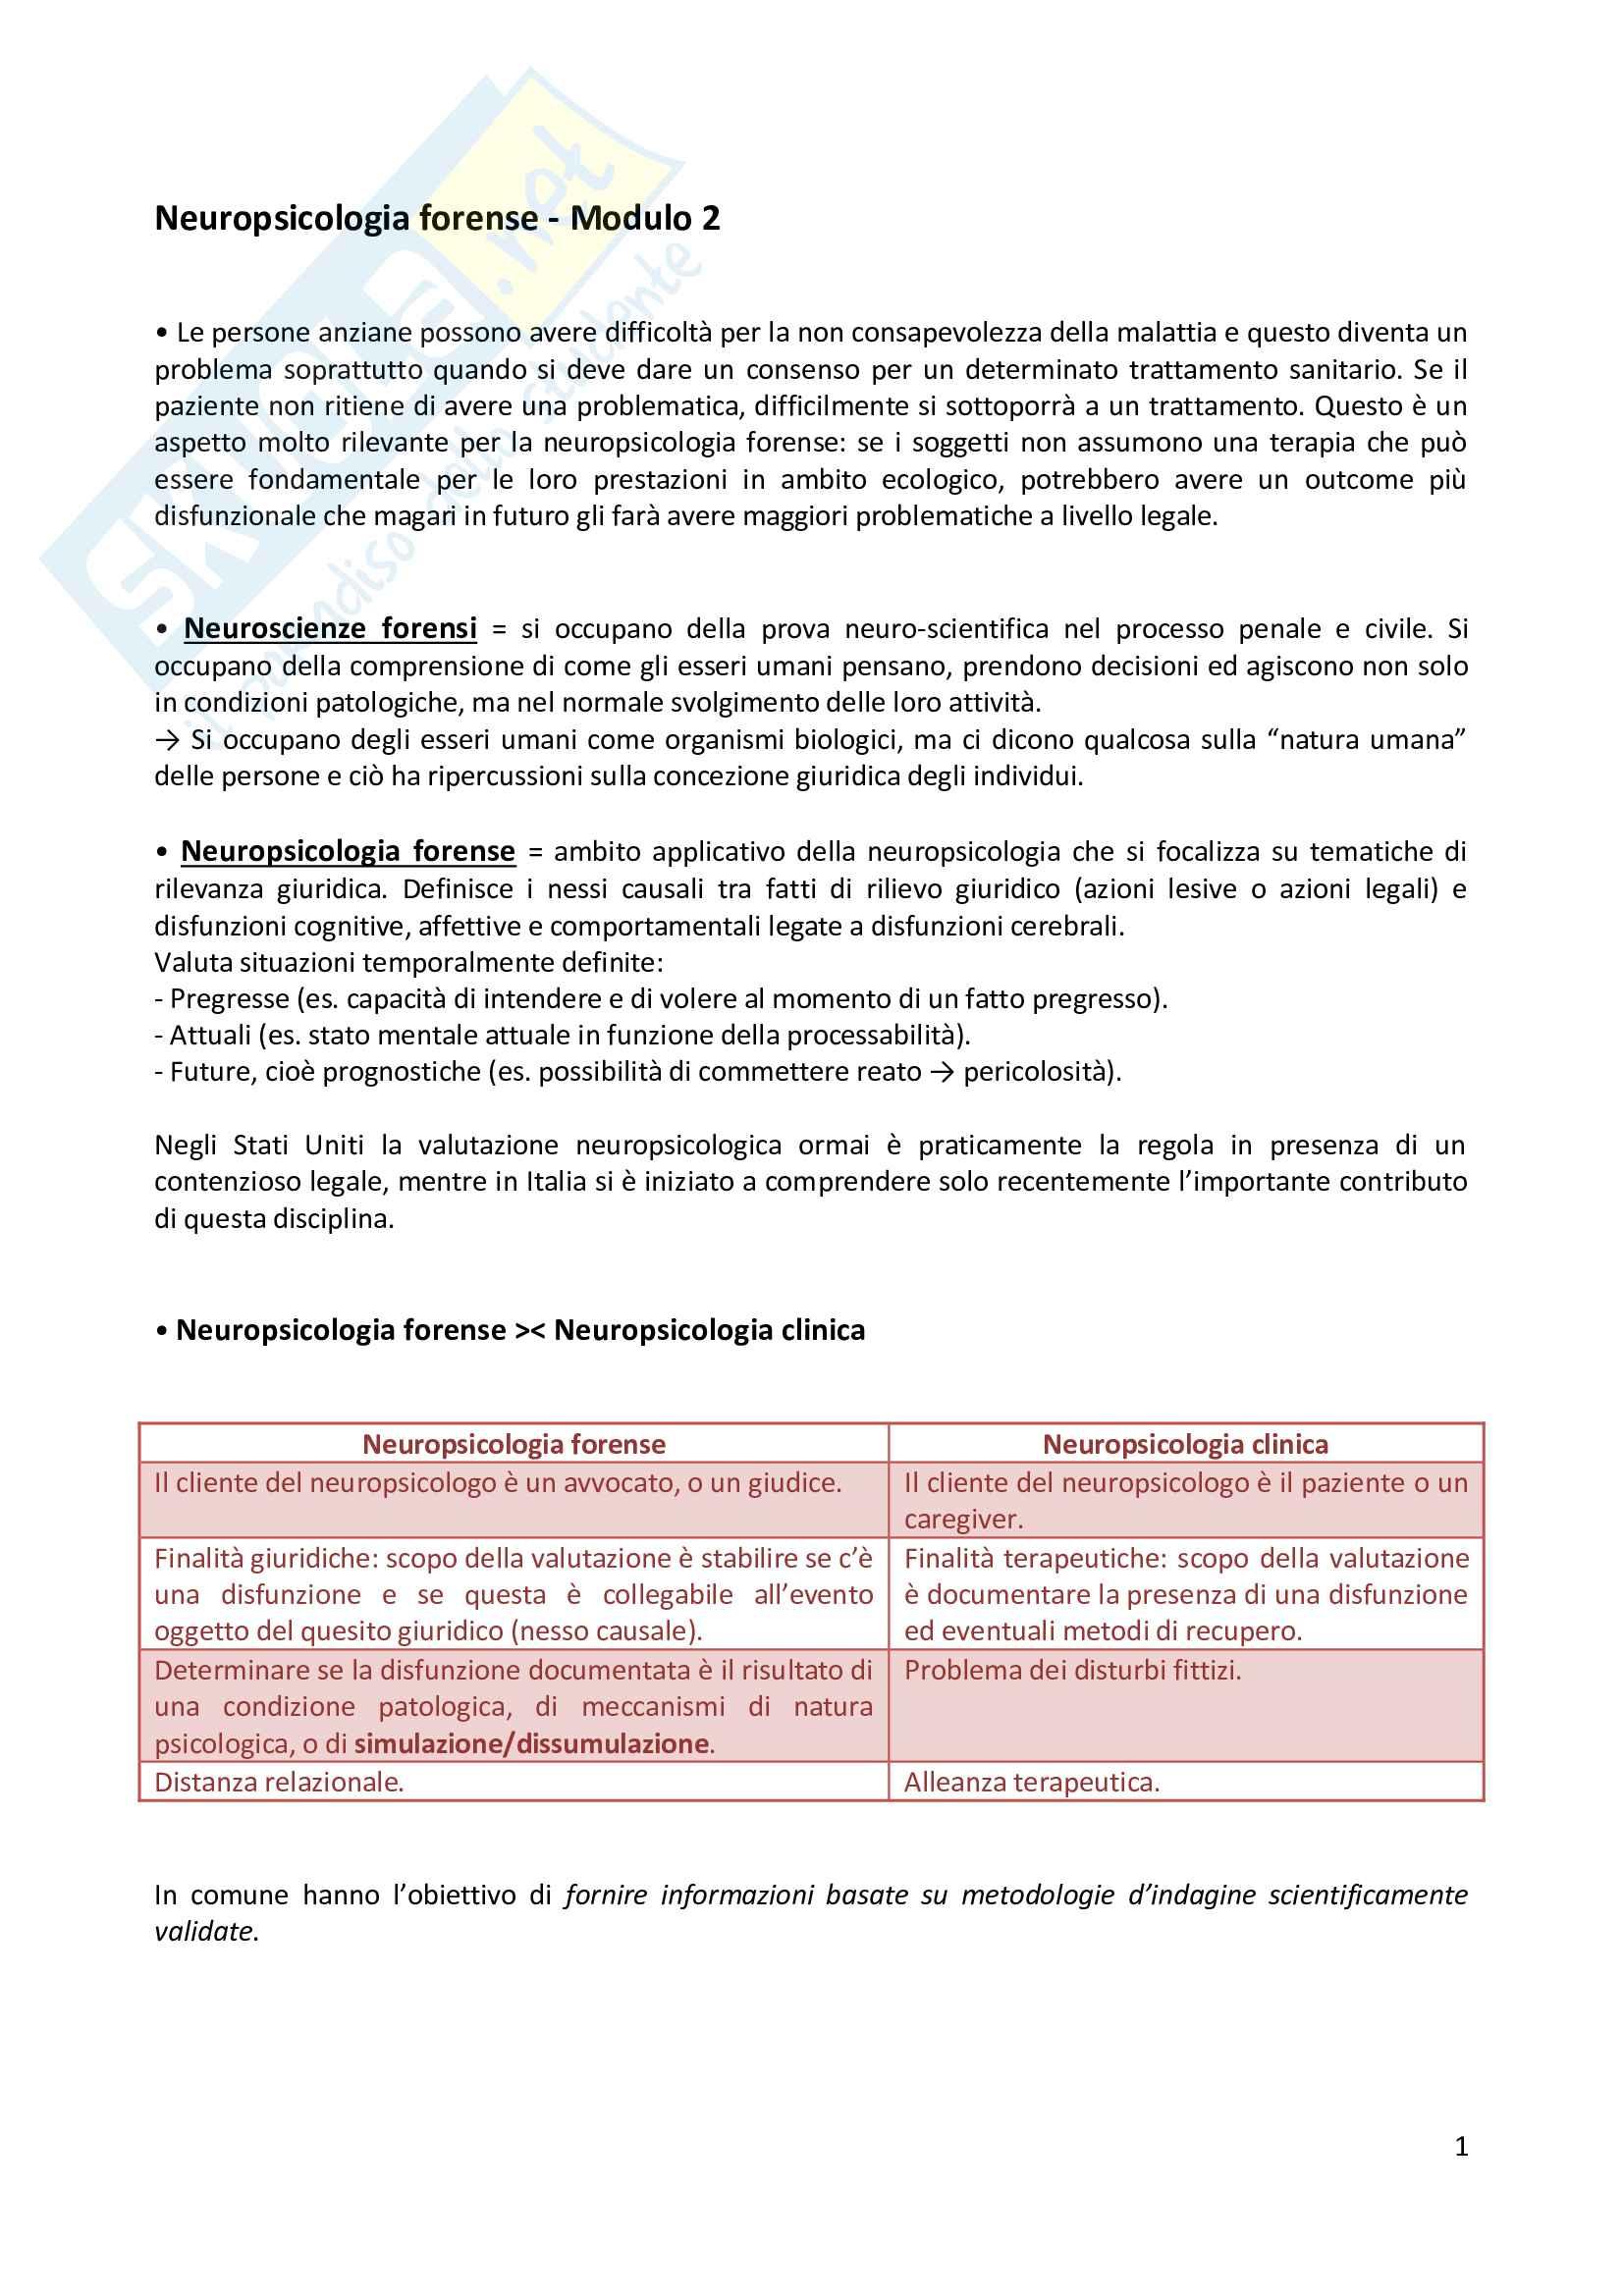 Neuropsicologia forense - Modulo 2